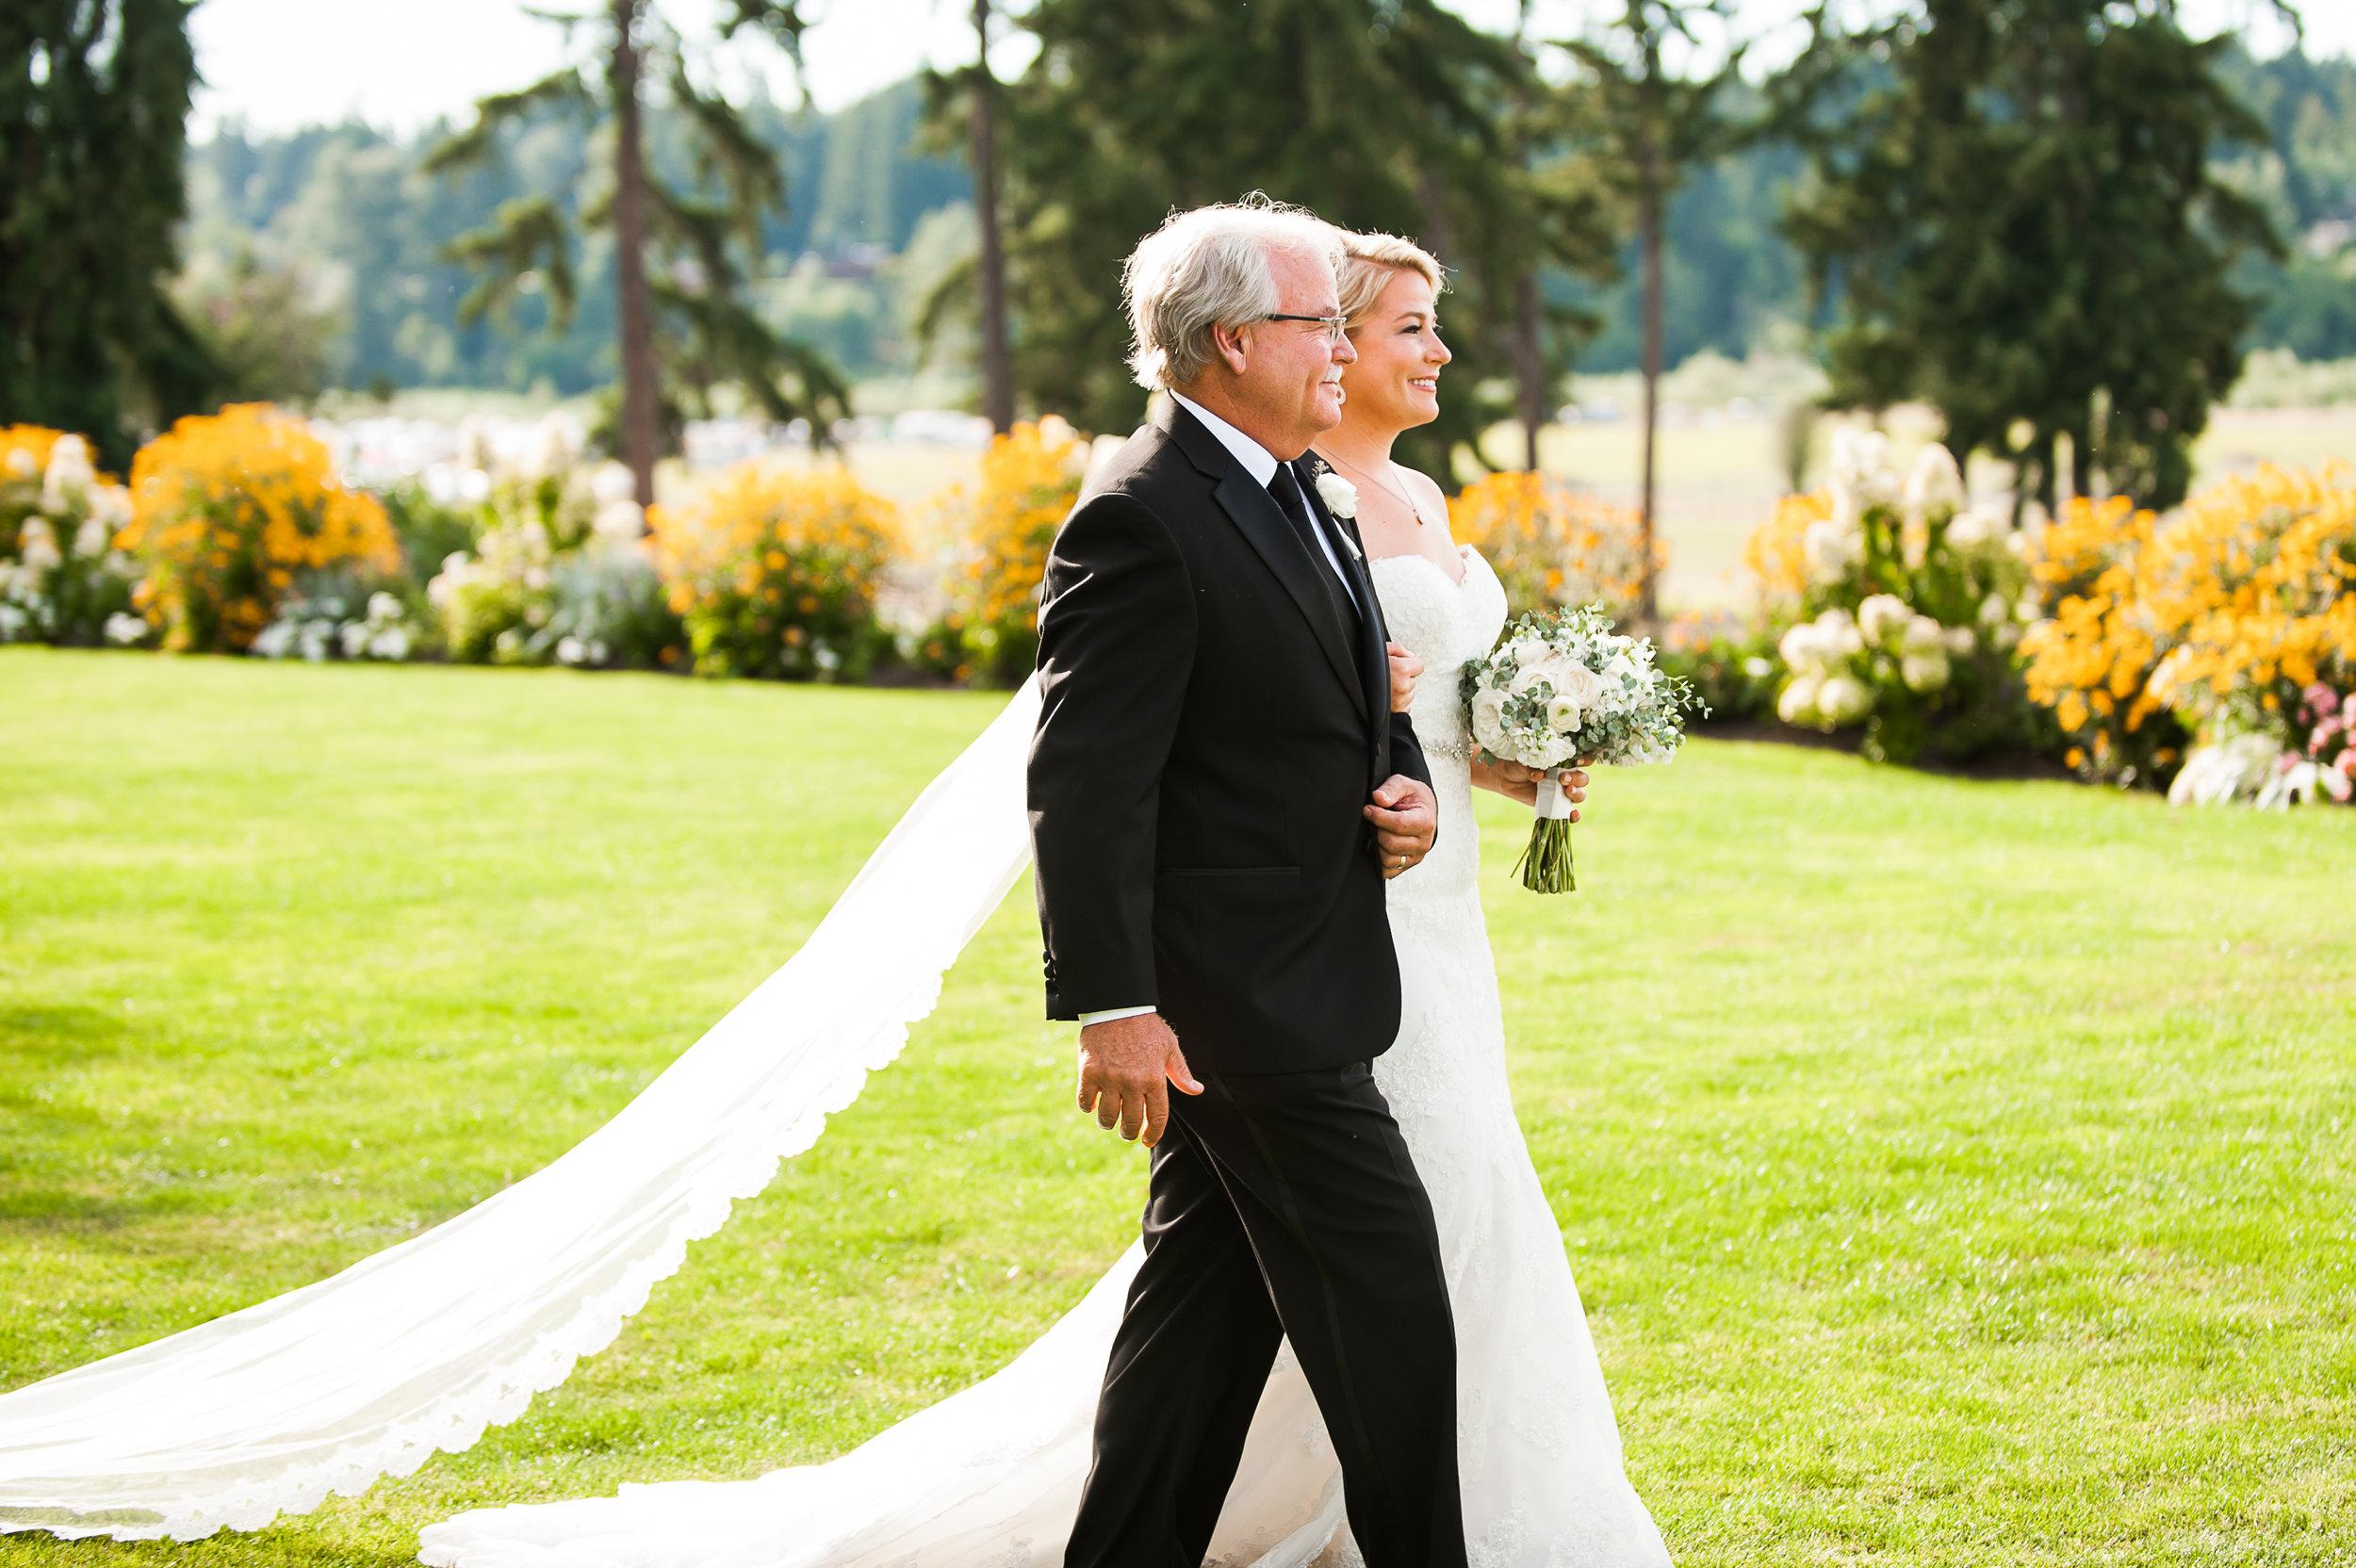 HA-wedding-Van-Wyhe-Photography-363.jpg